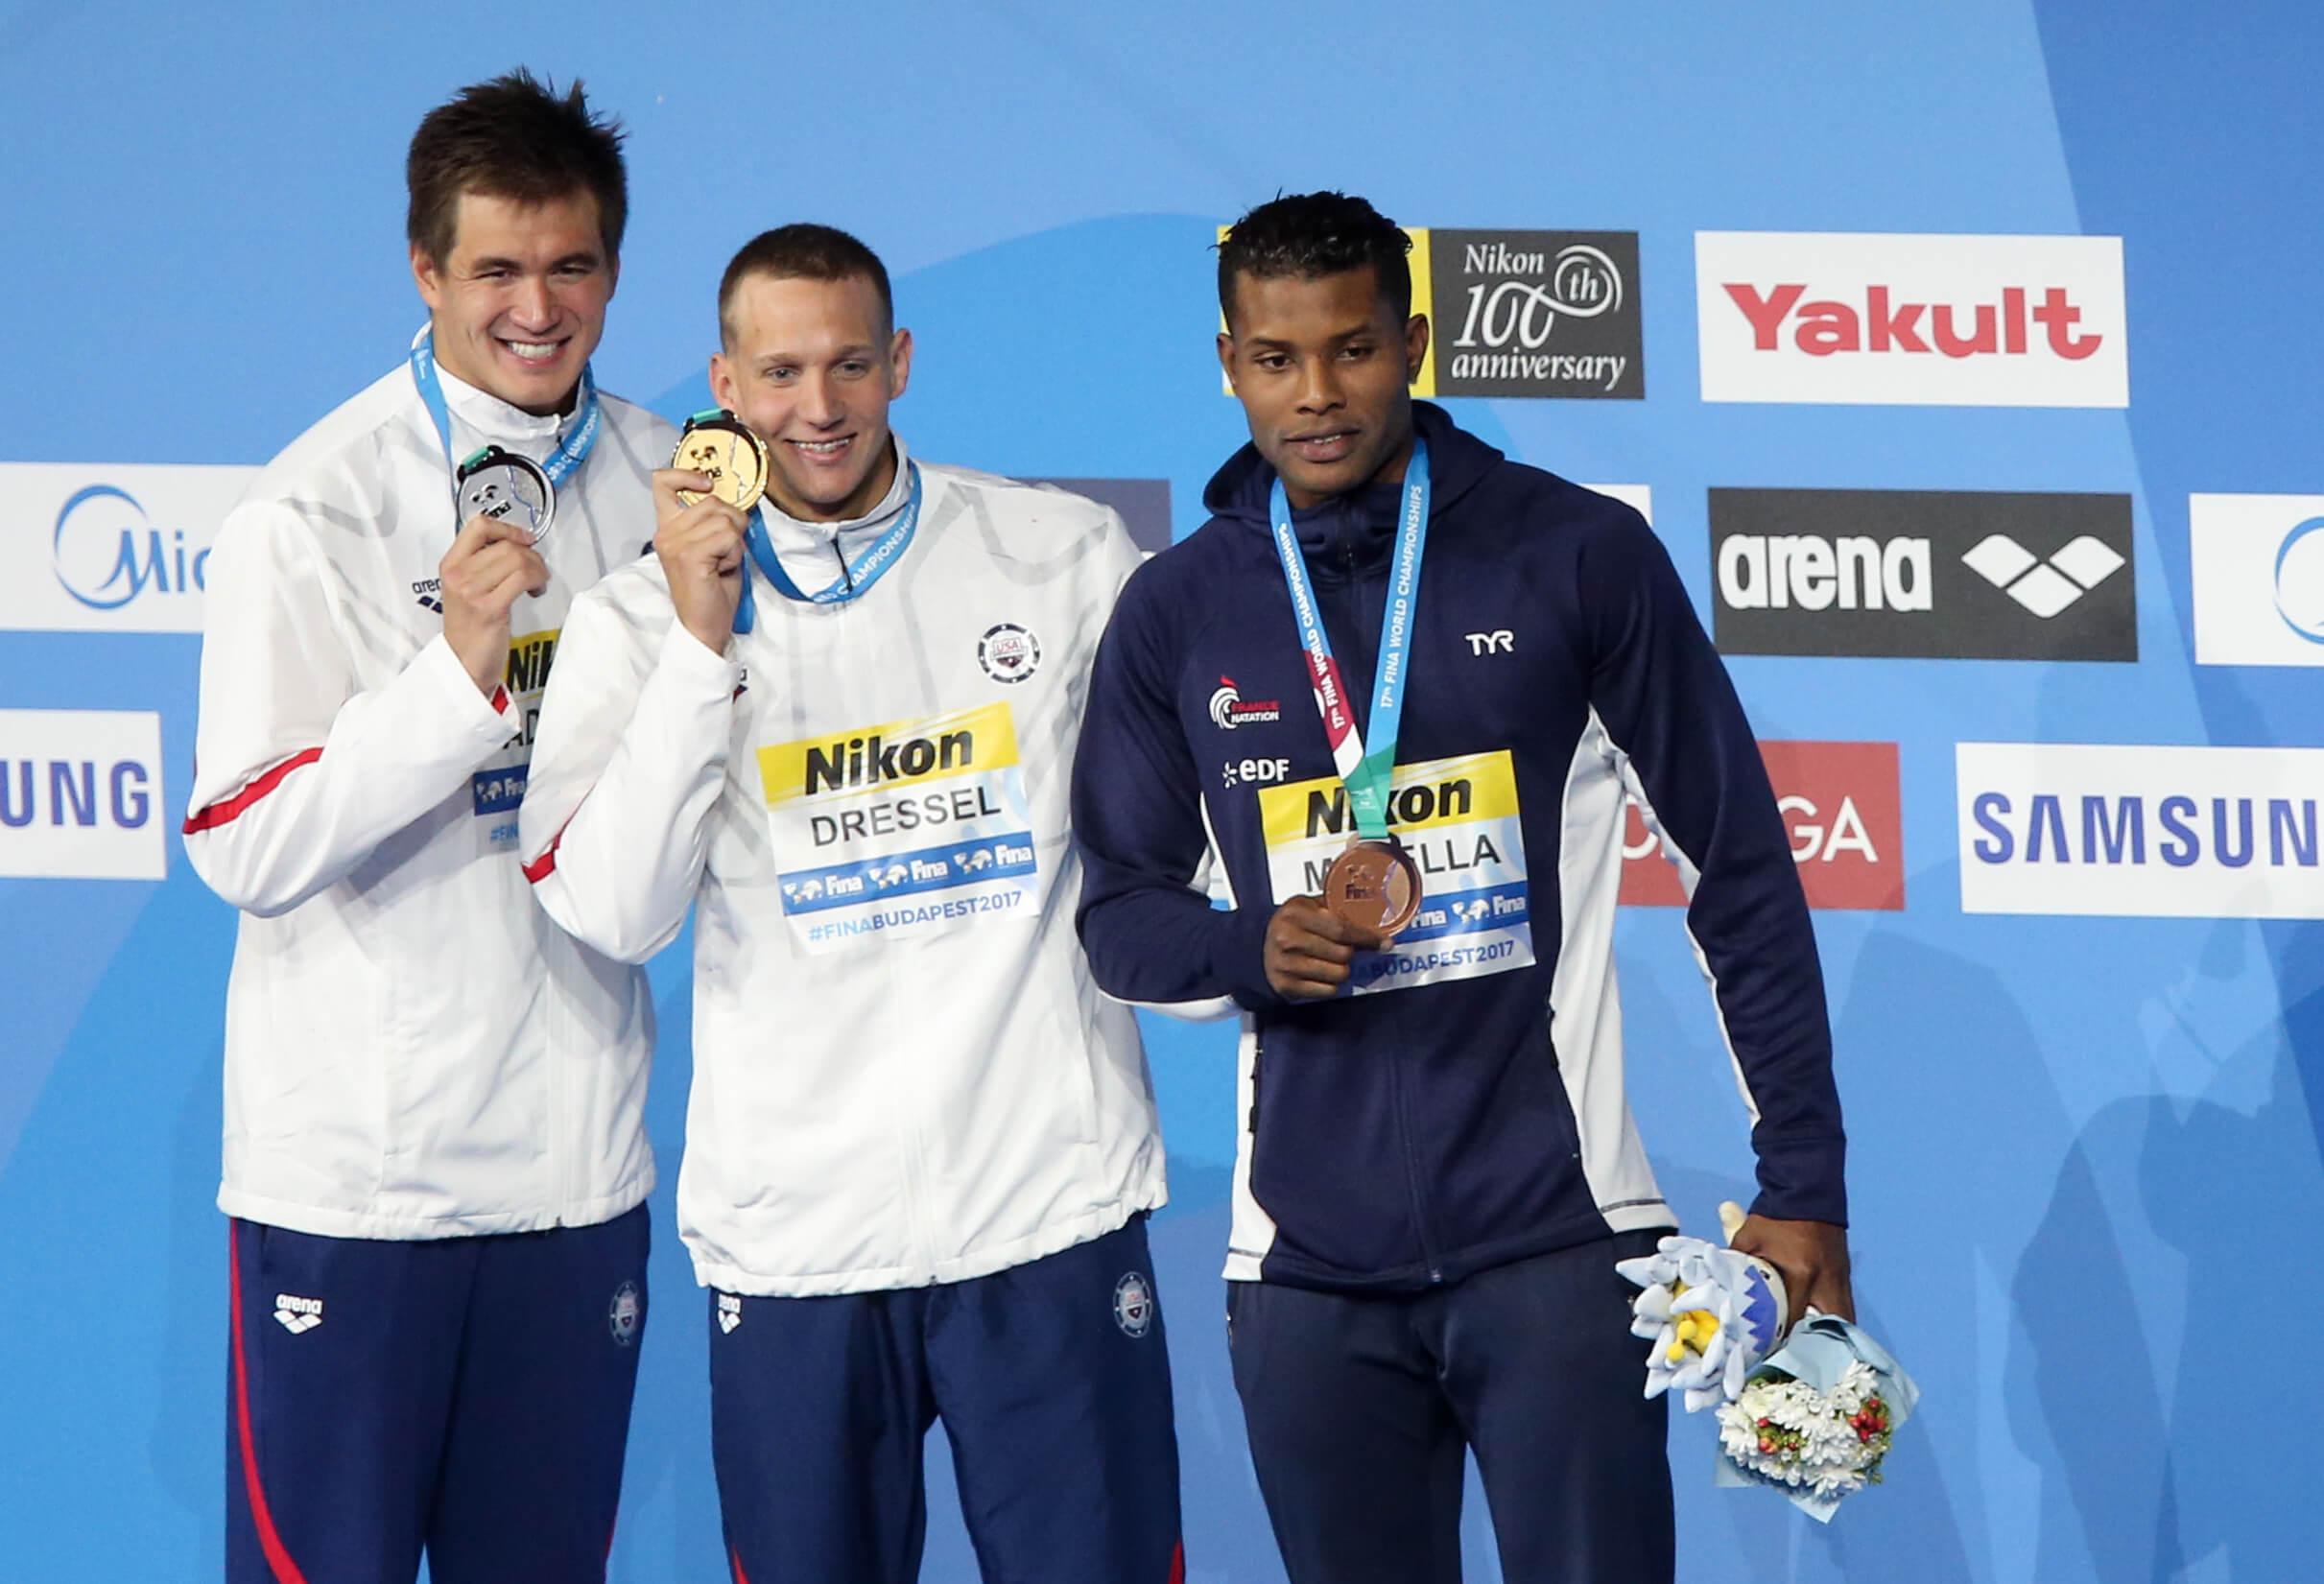 Adrian-САЩ-Dressel-САЩ-Метела-FRA-2-медали на 2017 г. свята шампиони